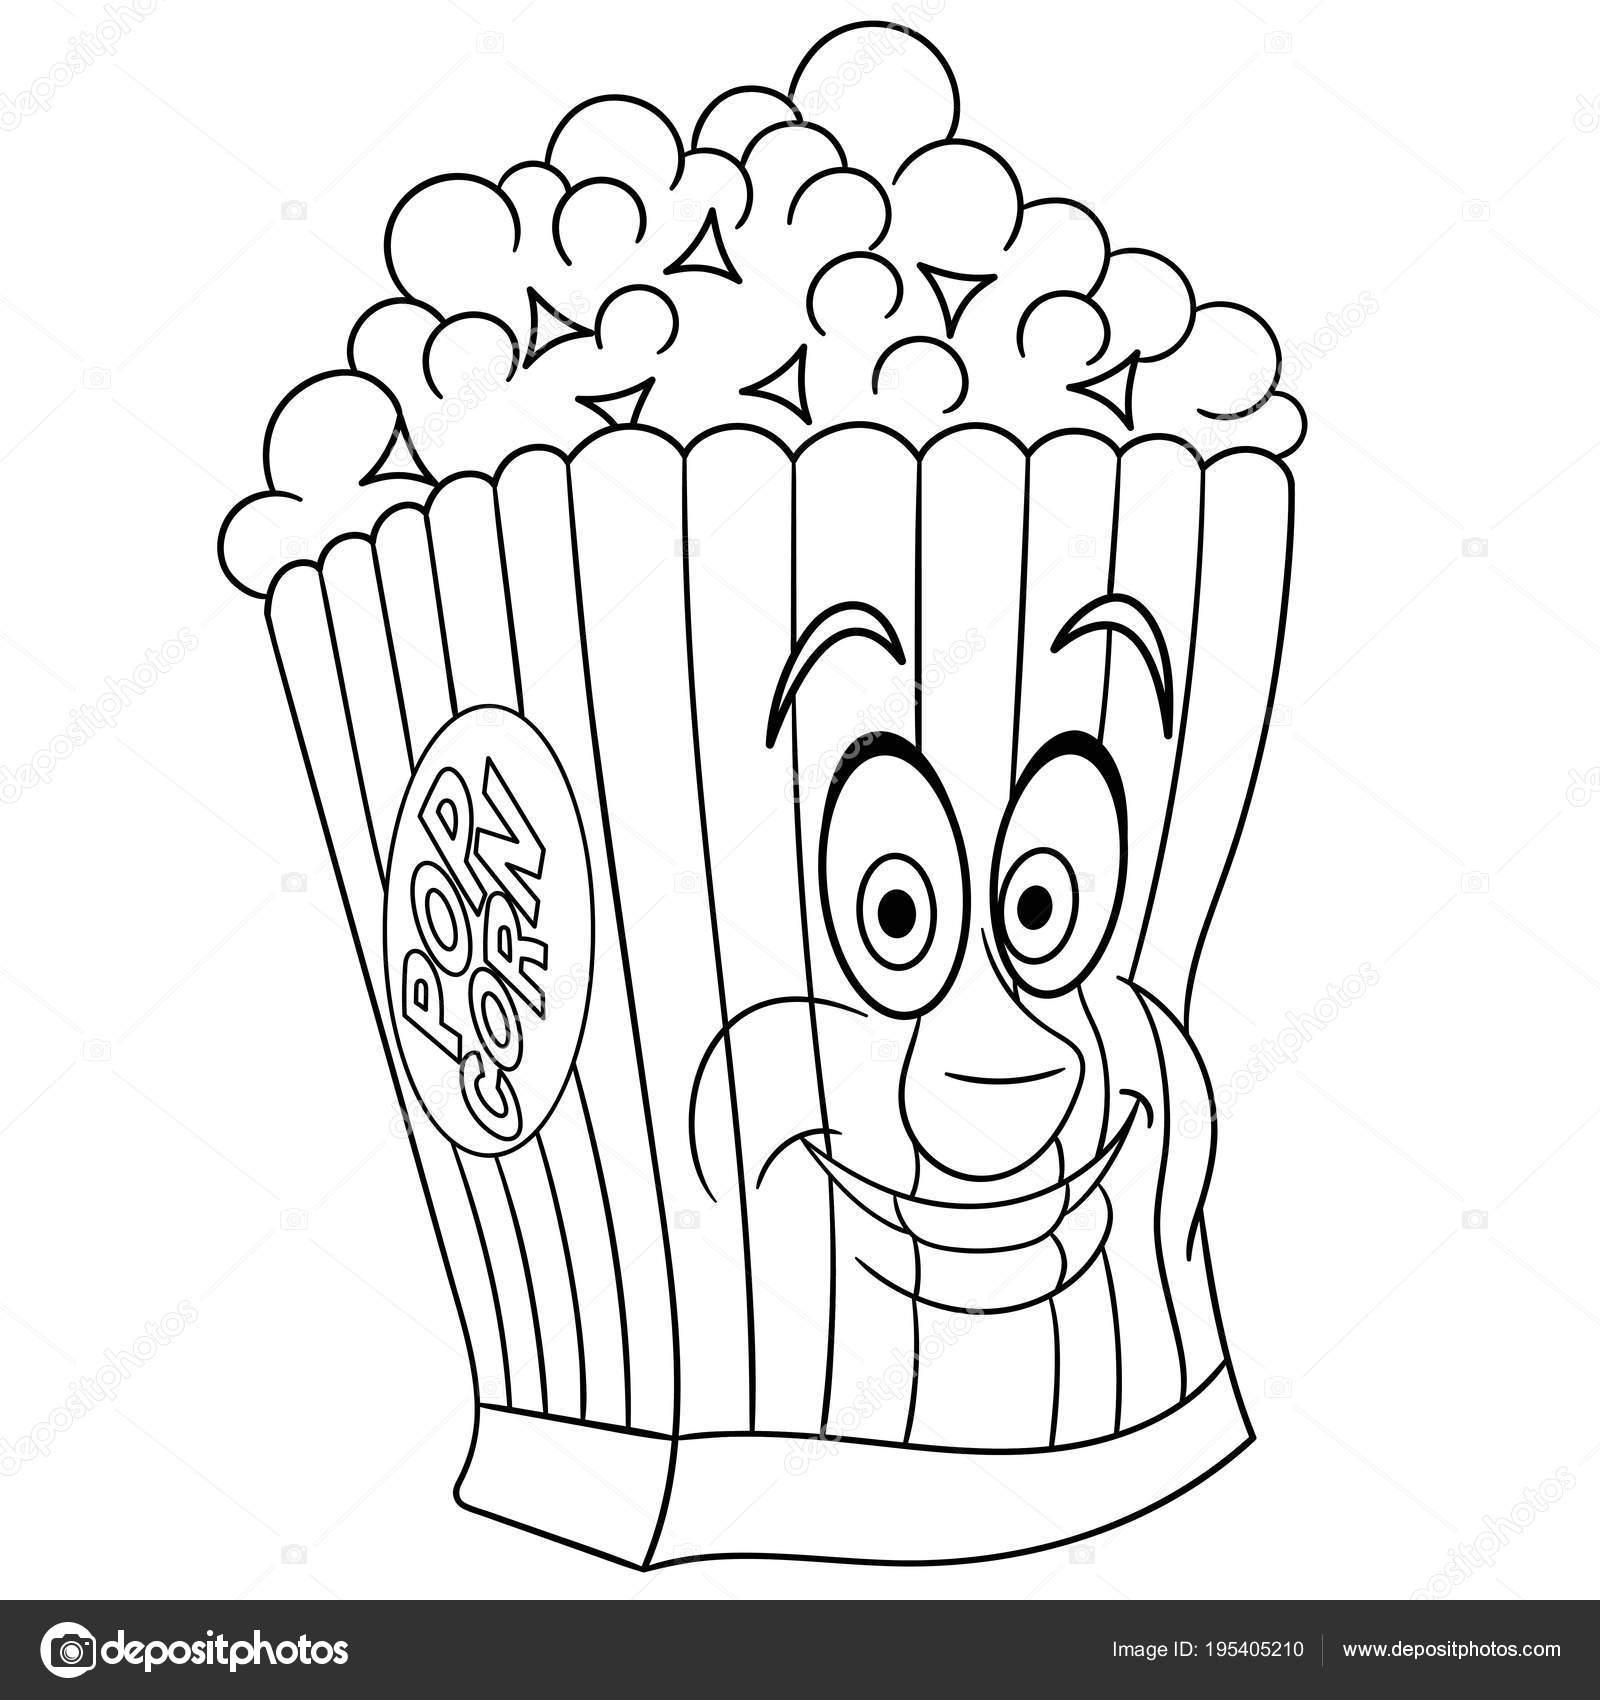 kleurboek kleurplaat kleuren foto popcorn stockvector